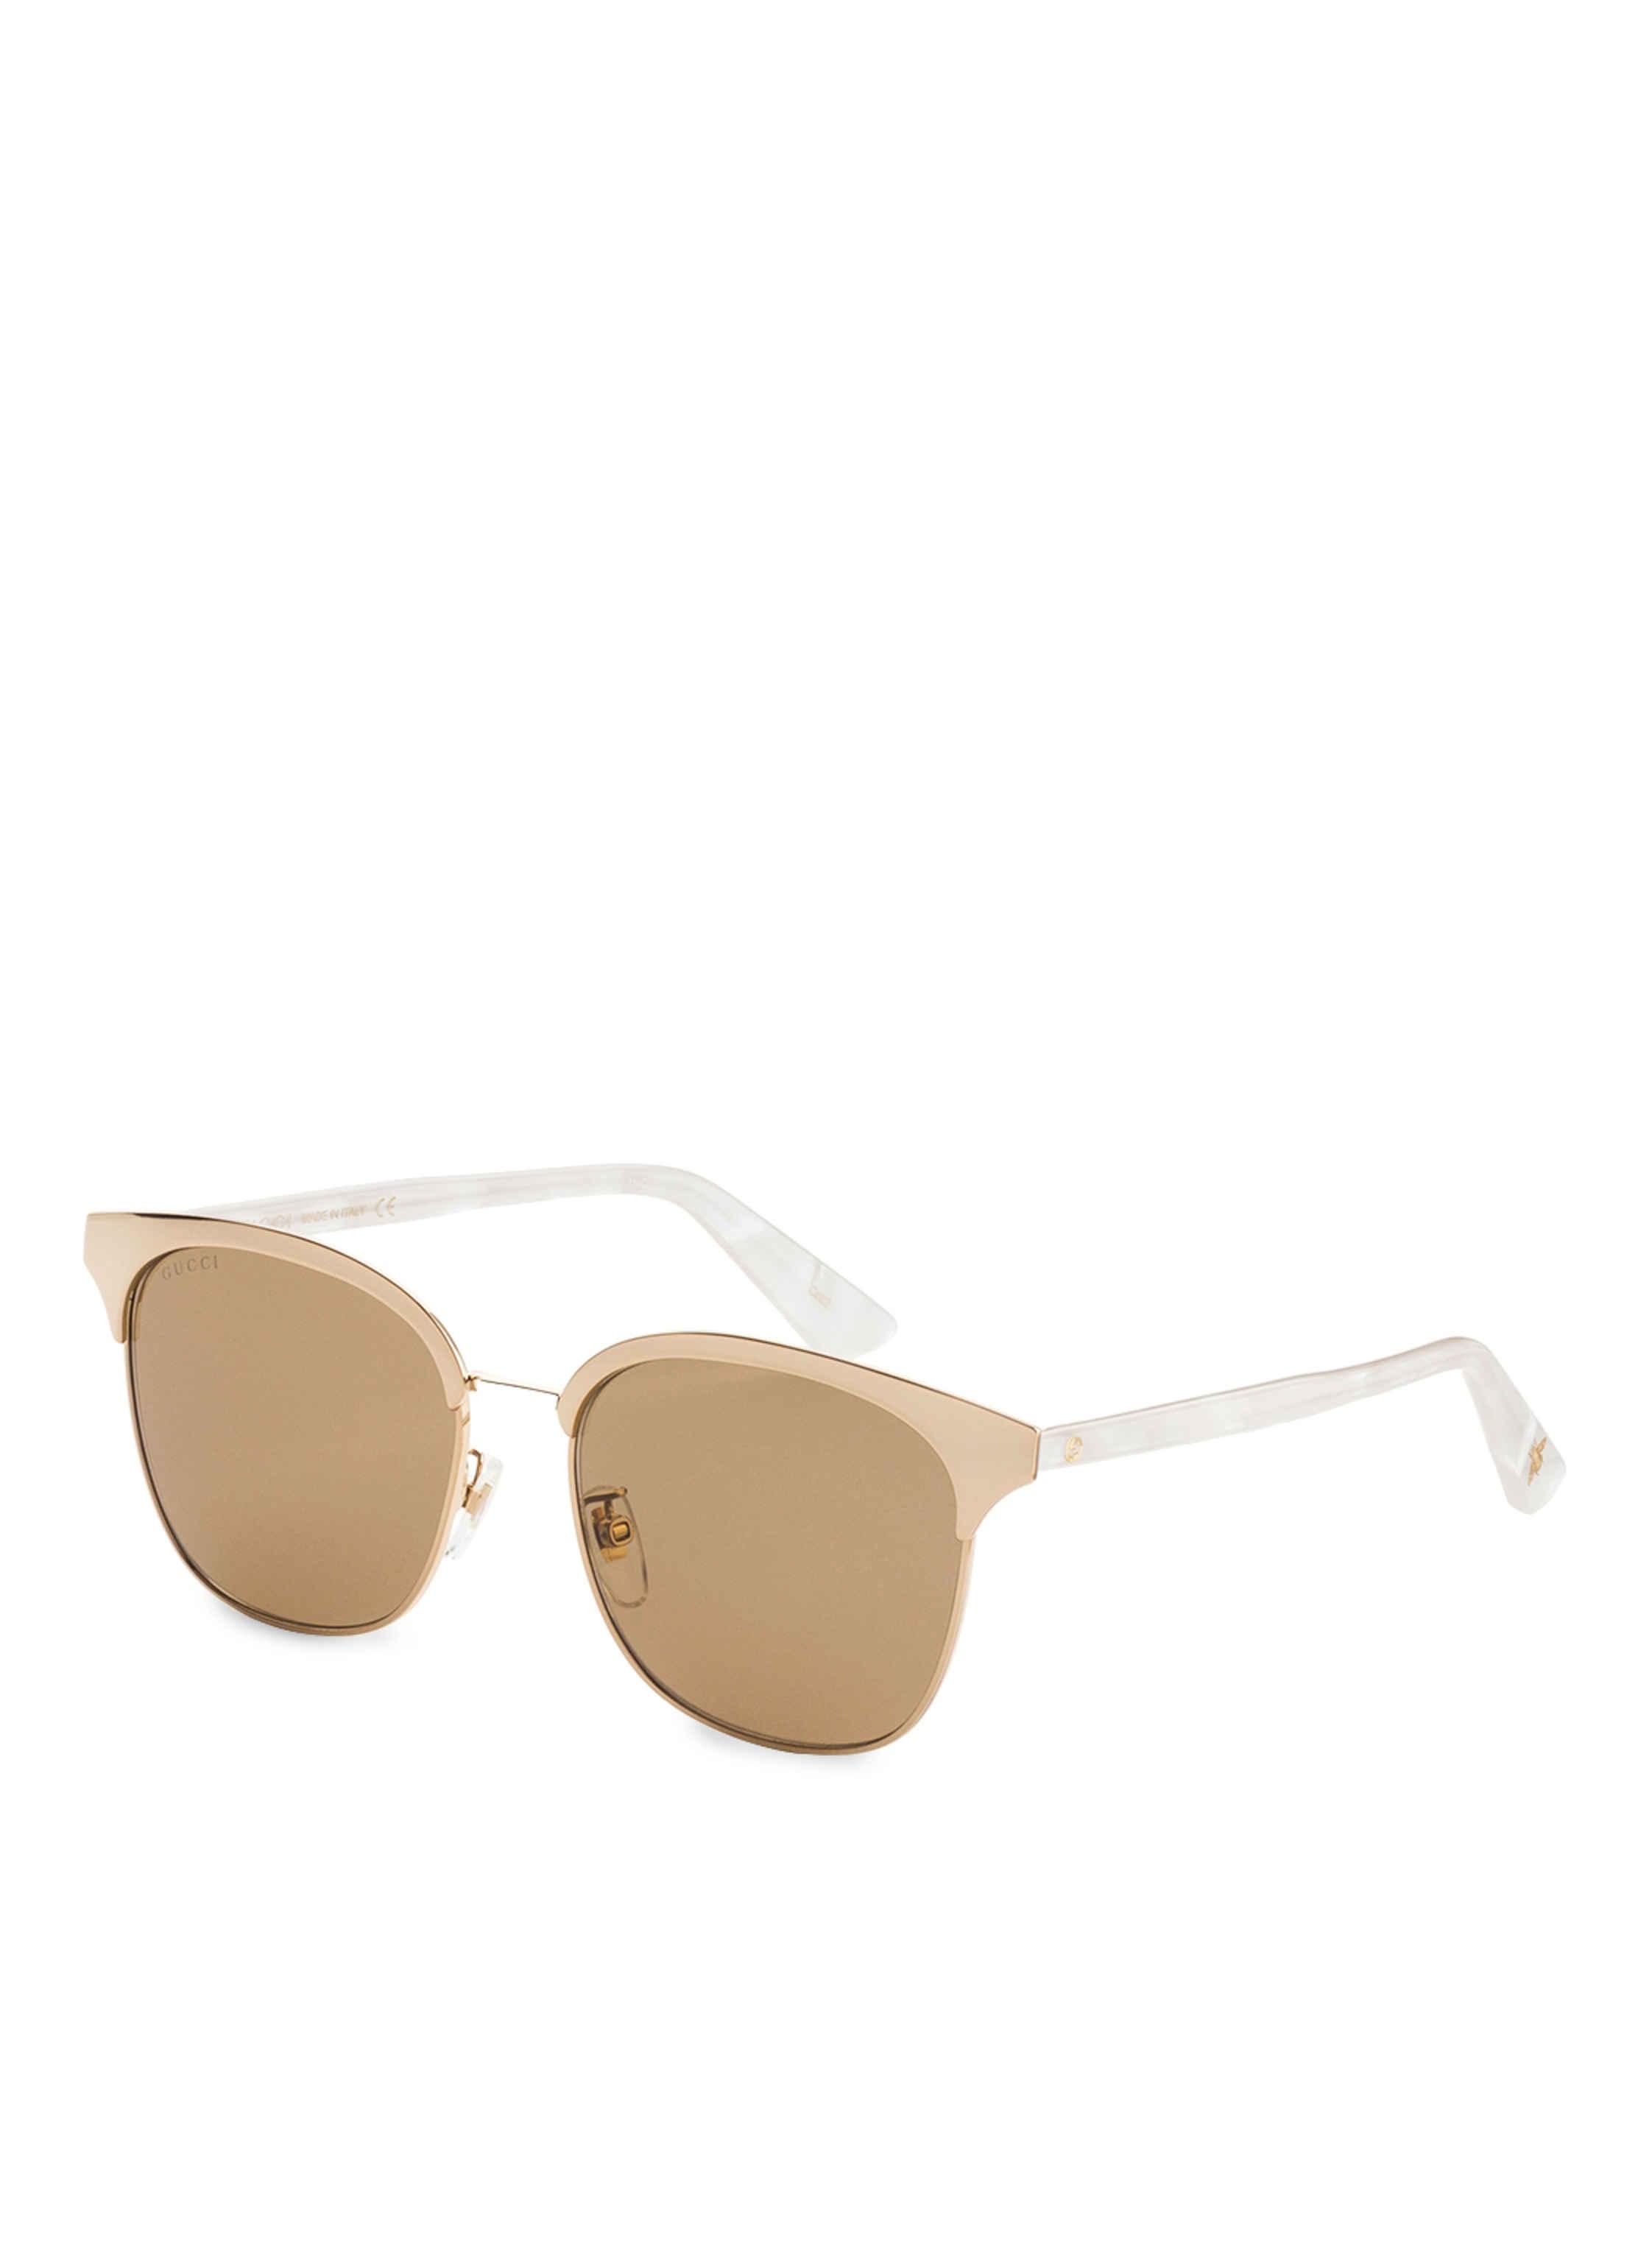 Sonnenbrille GG0245S von GUCCI bei Breuninger kaufen